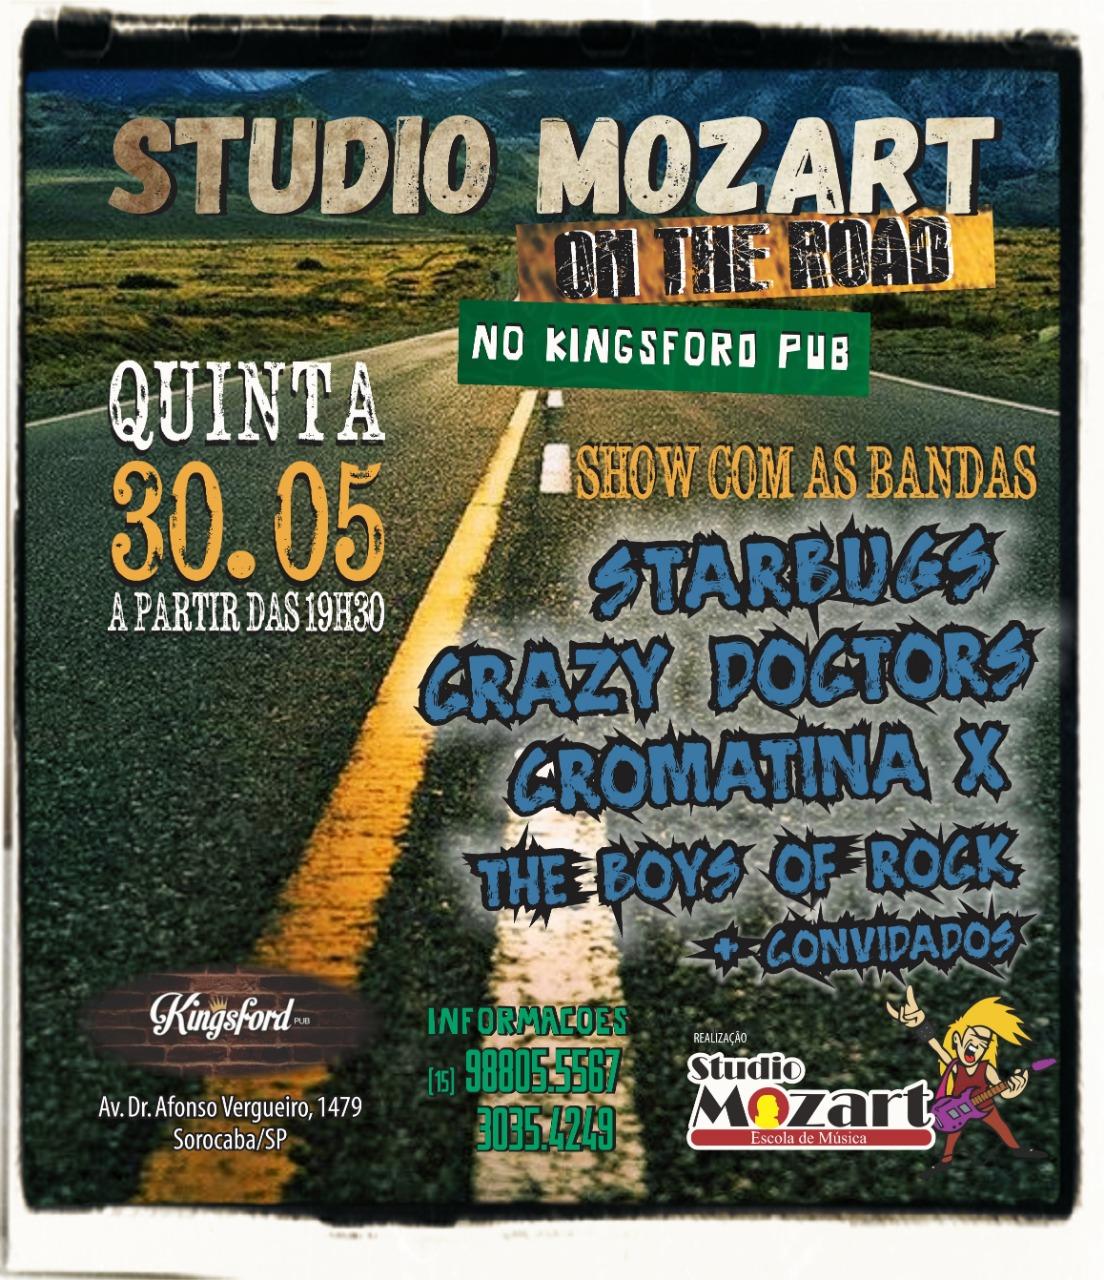 Bandas do Studio Mozart no Kingsford Pub dia 30 de junho (quinta feira)